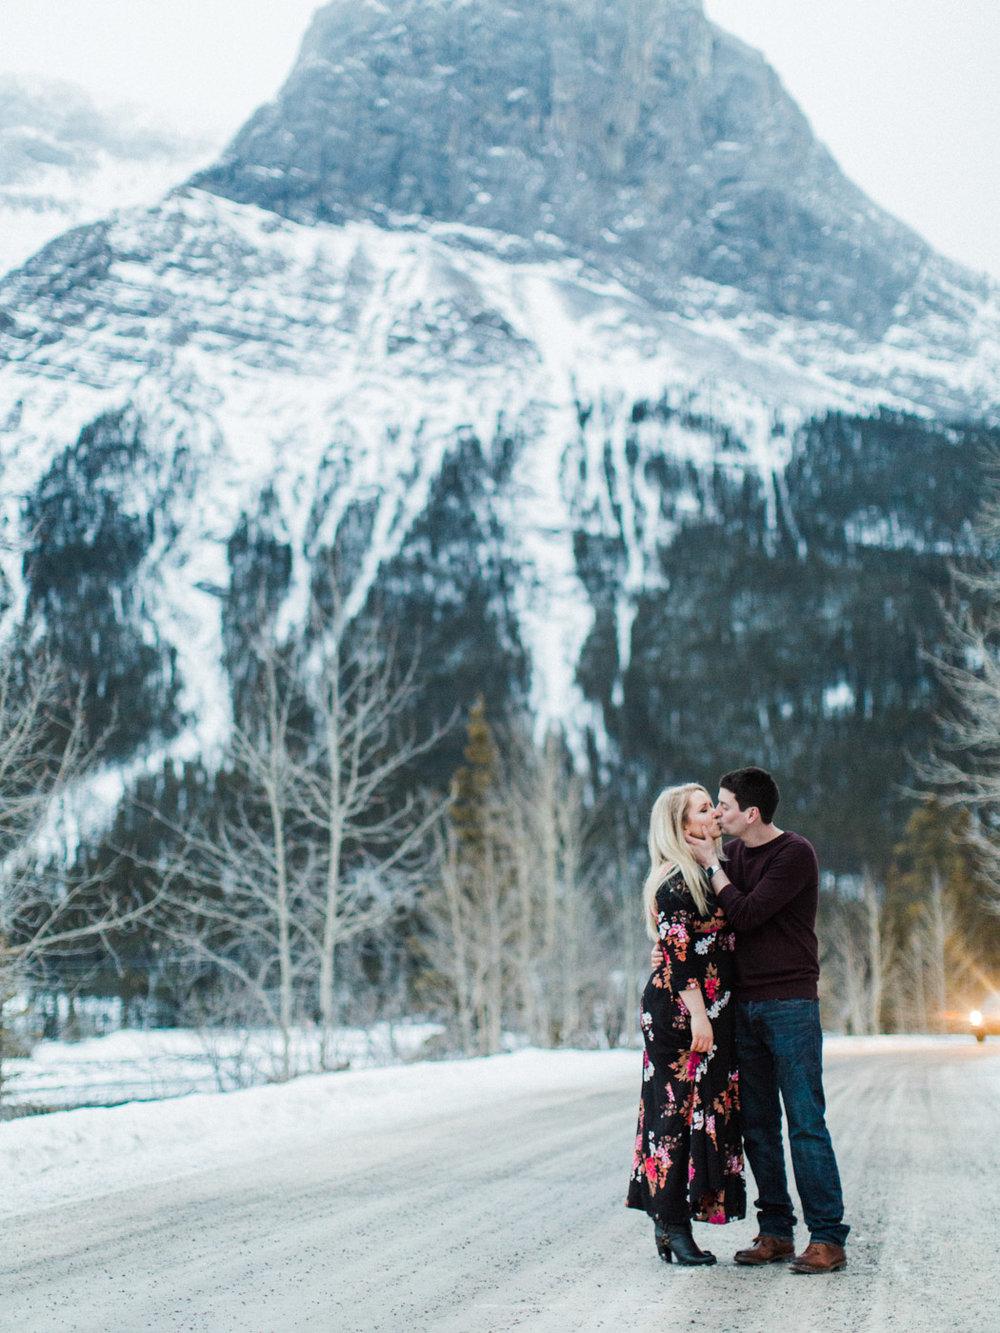 destination-engagement-photographer-adventurous-mountain-couples-session-116.jpg